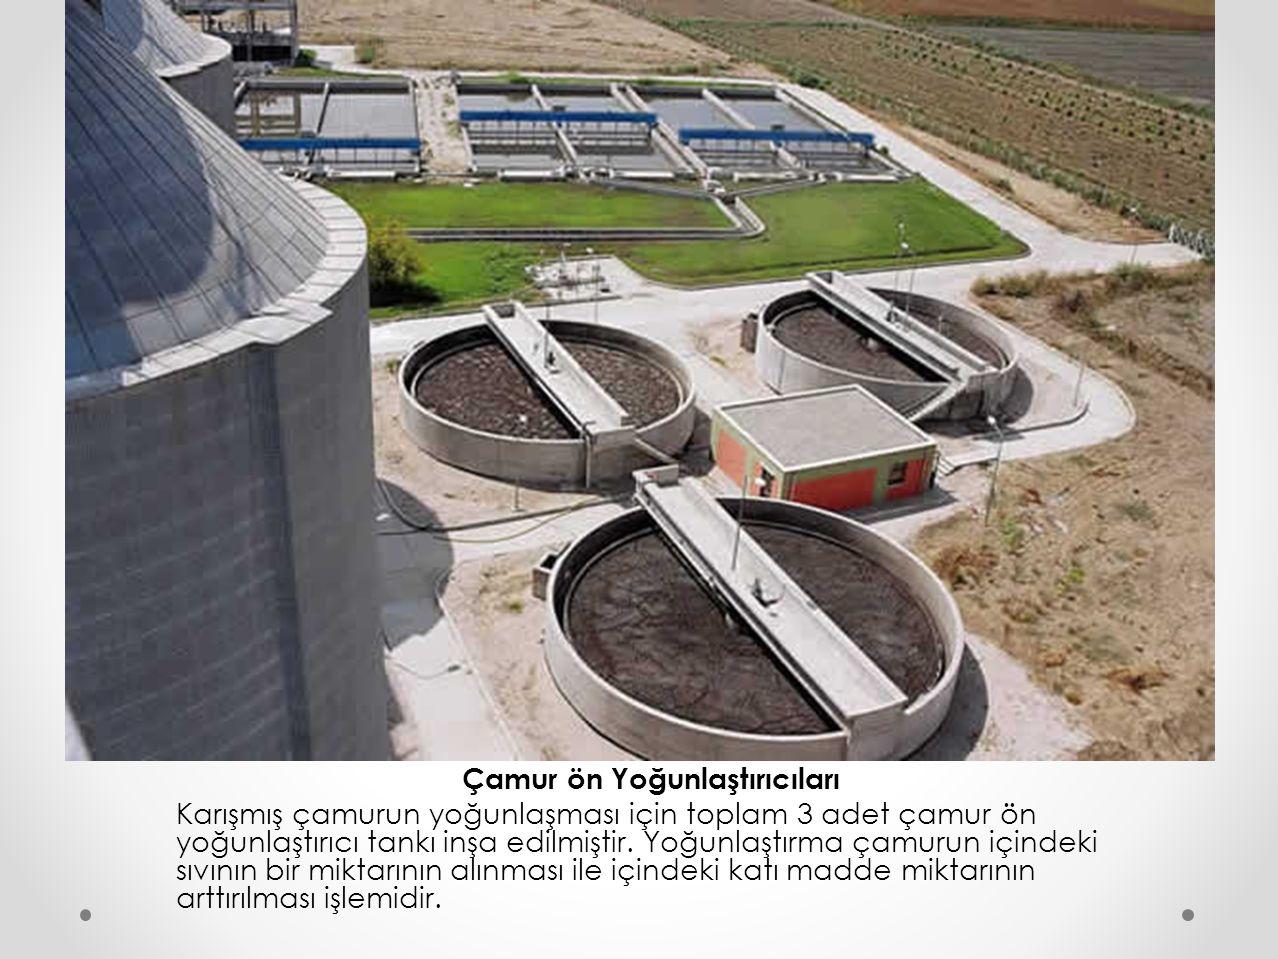 Çamur ön Yoğunlaştırıcıları Karışmış çamurun yoğunlaşması için toplam 3 adet çamur ön yoğunlaştırıcı tankı inşa edilmiştir. Yoğunlaştırma çamurun için